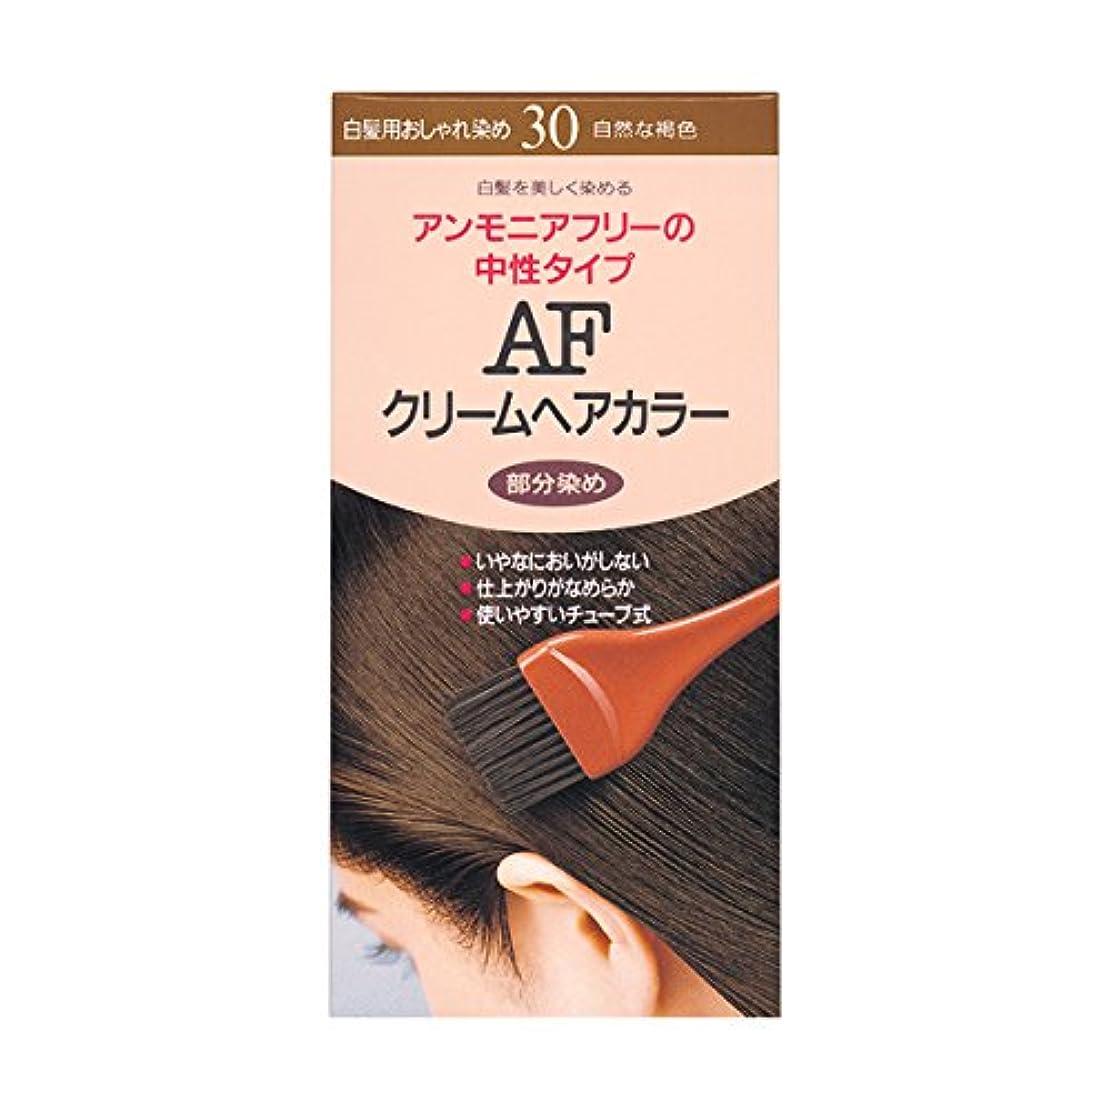 代数足枷危険なヘアカラー AFクリームヘアカラー 30 【医薬部外品】